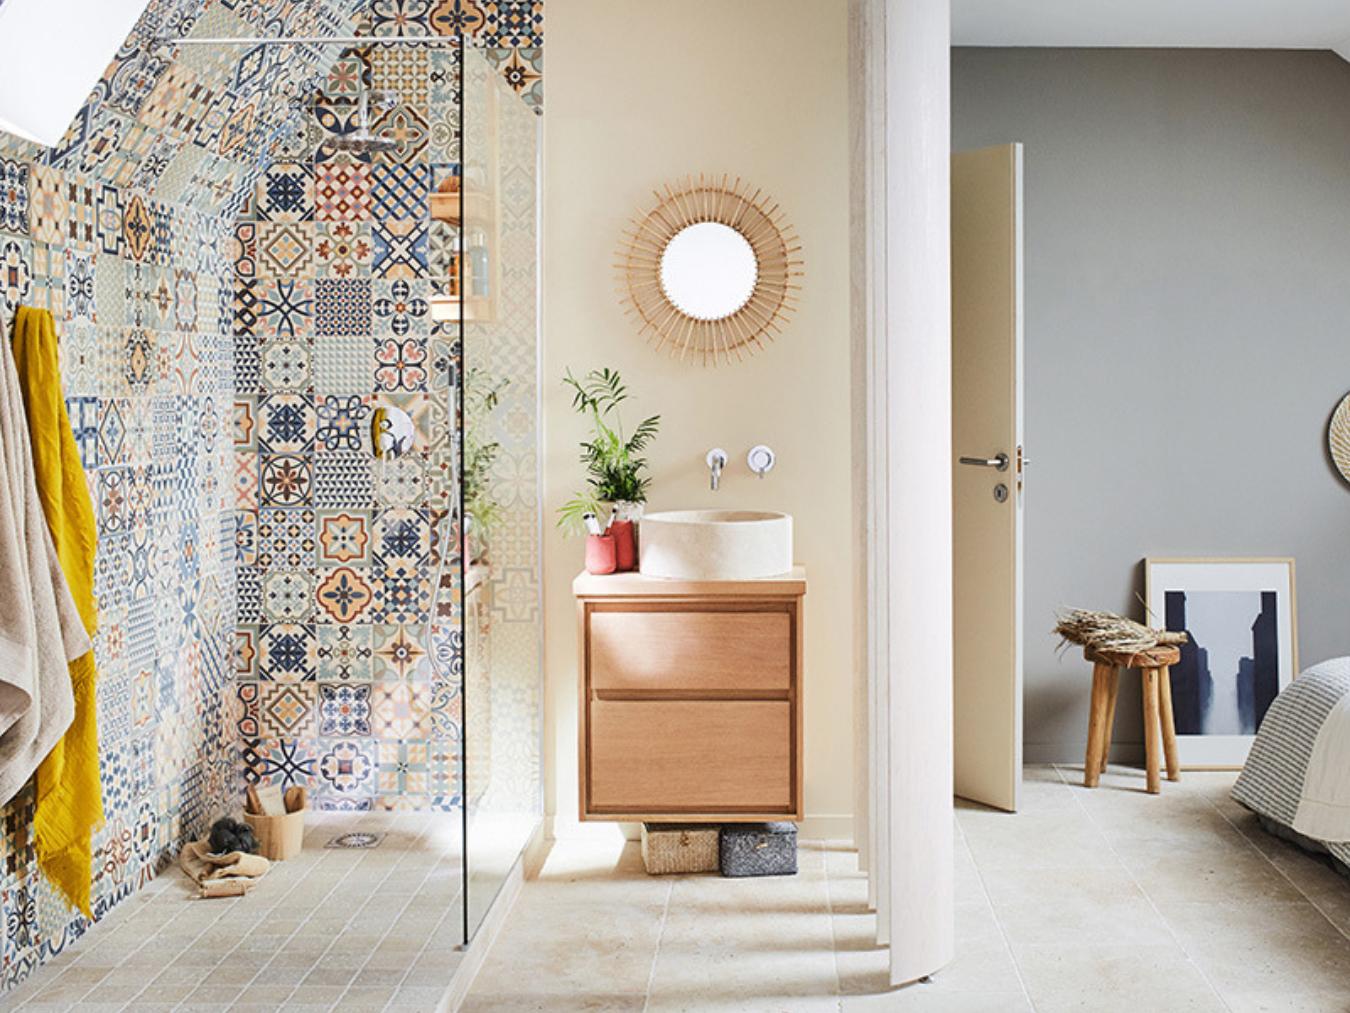 Carreaux de ciment dans la salle de bain : 16 idées inspirantes